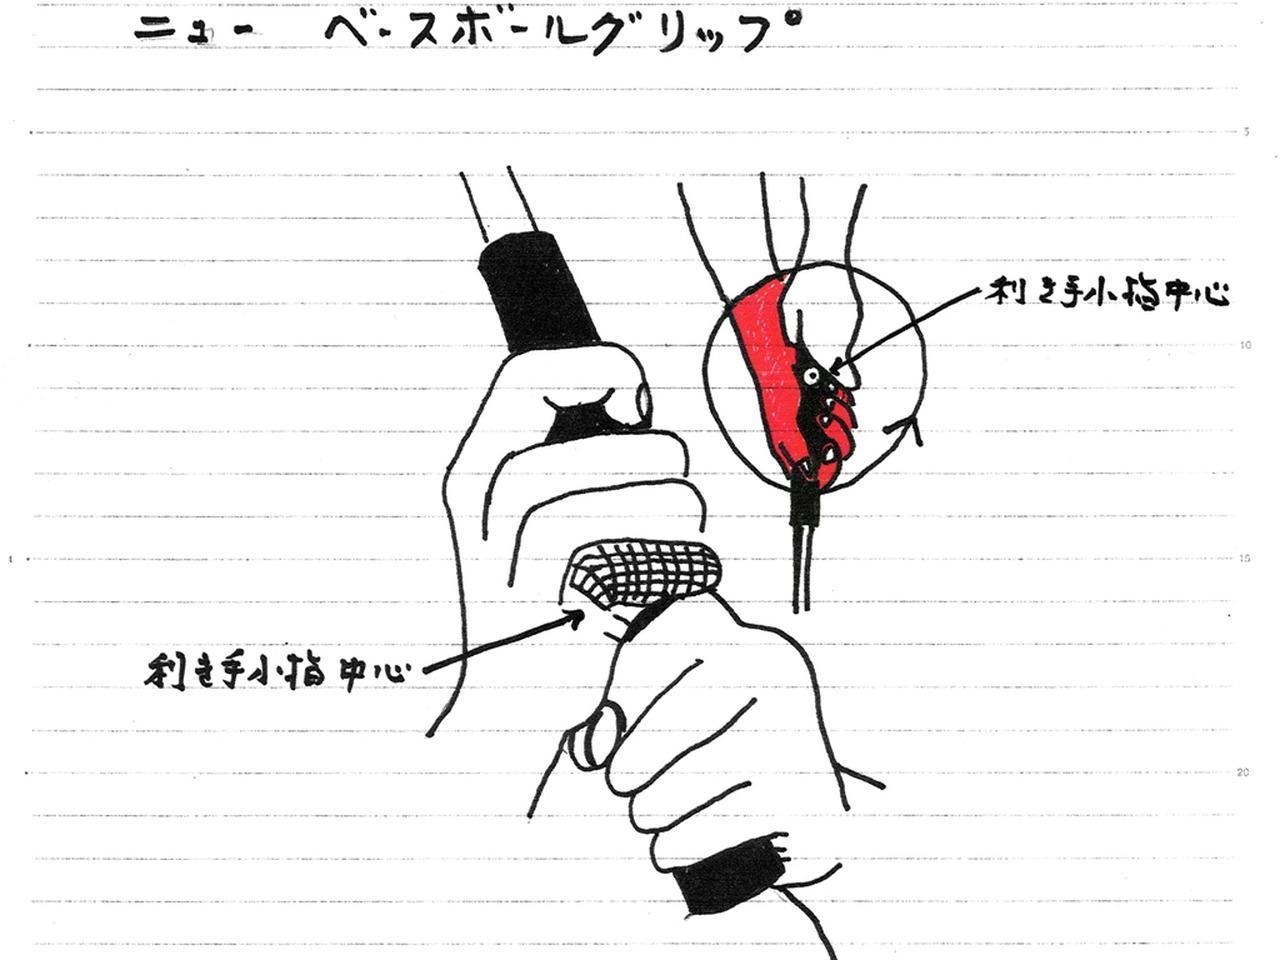 画像: 利き手を上手く生かすため、クラブを支えるのは利き手の手のひらで、利き手の小指を中心にスウィングする